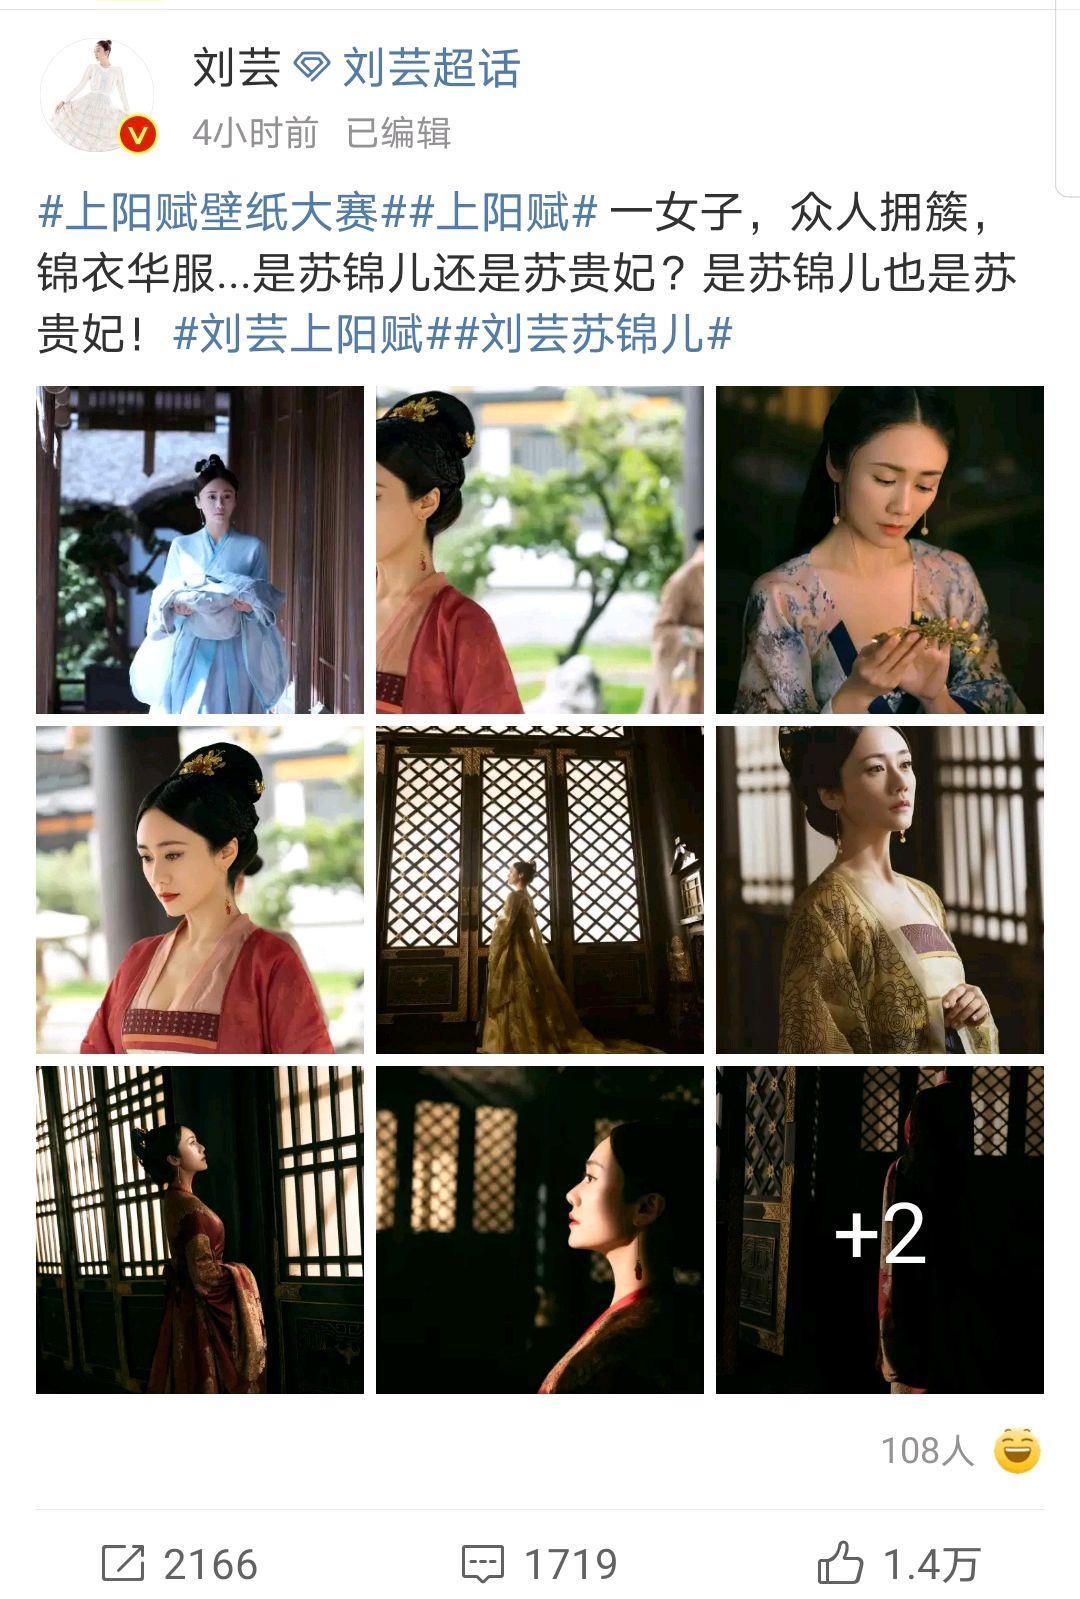 苏锦儿嫁子澹成功上位,谢婉如被反噬,刘芸发微:苏锦儿是贵妃